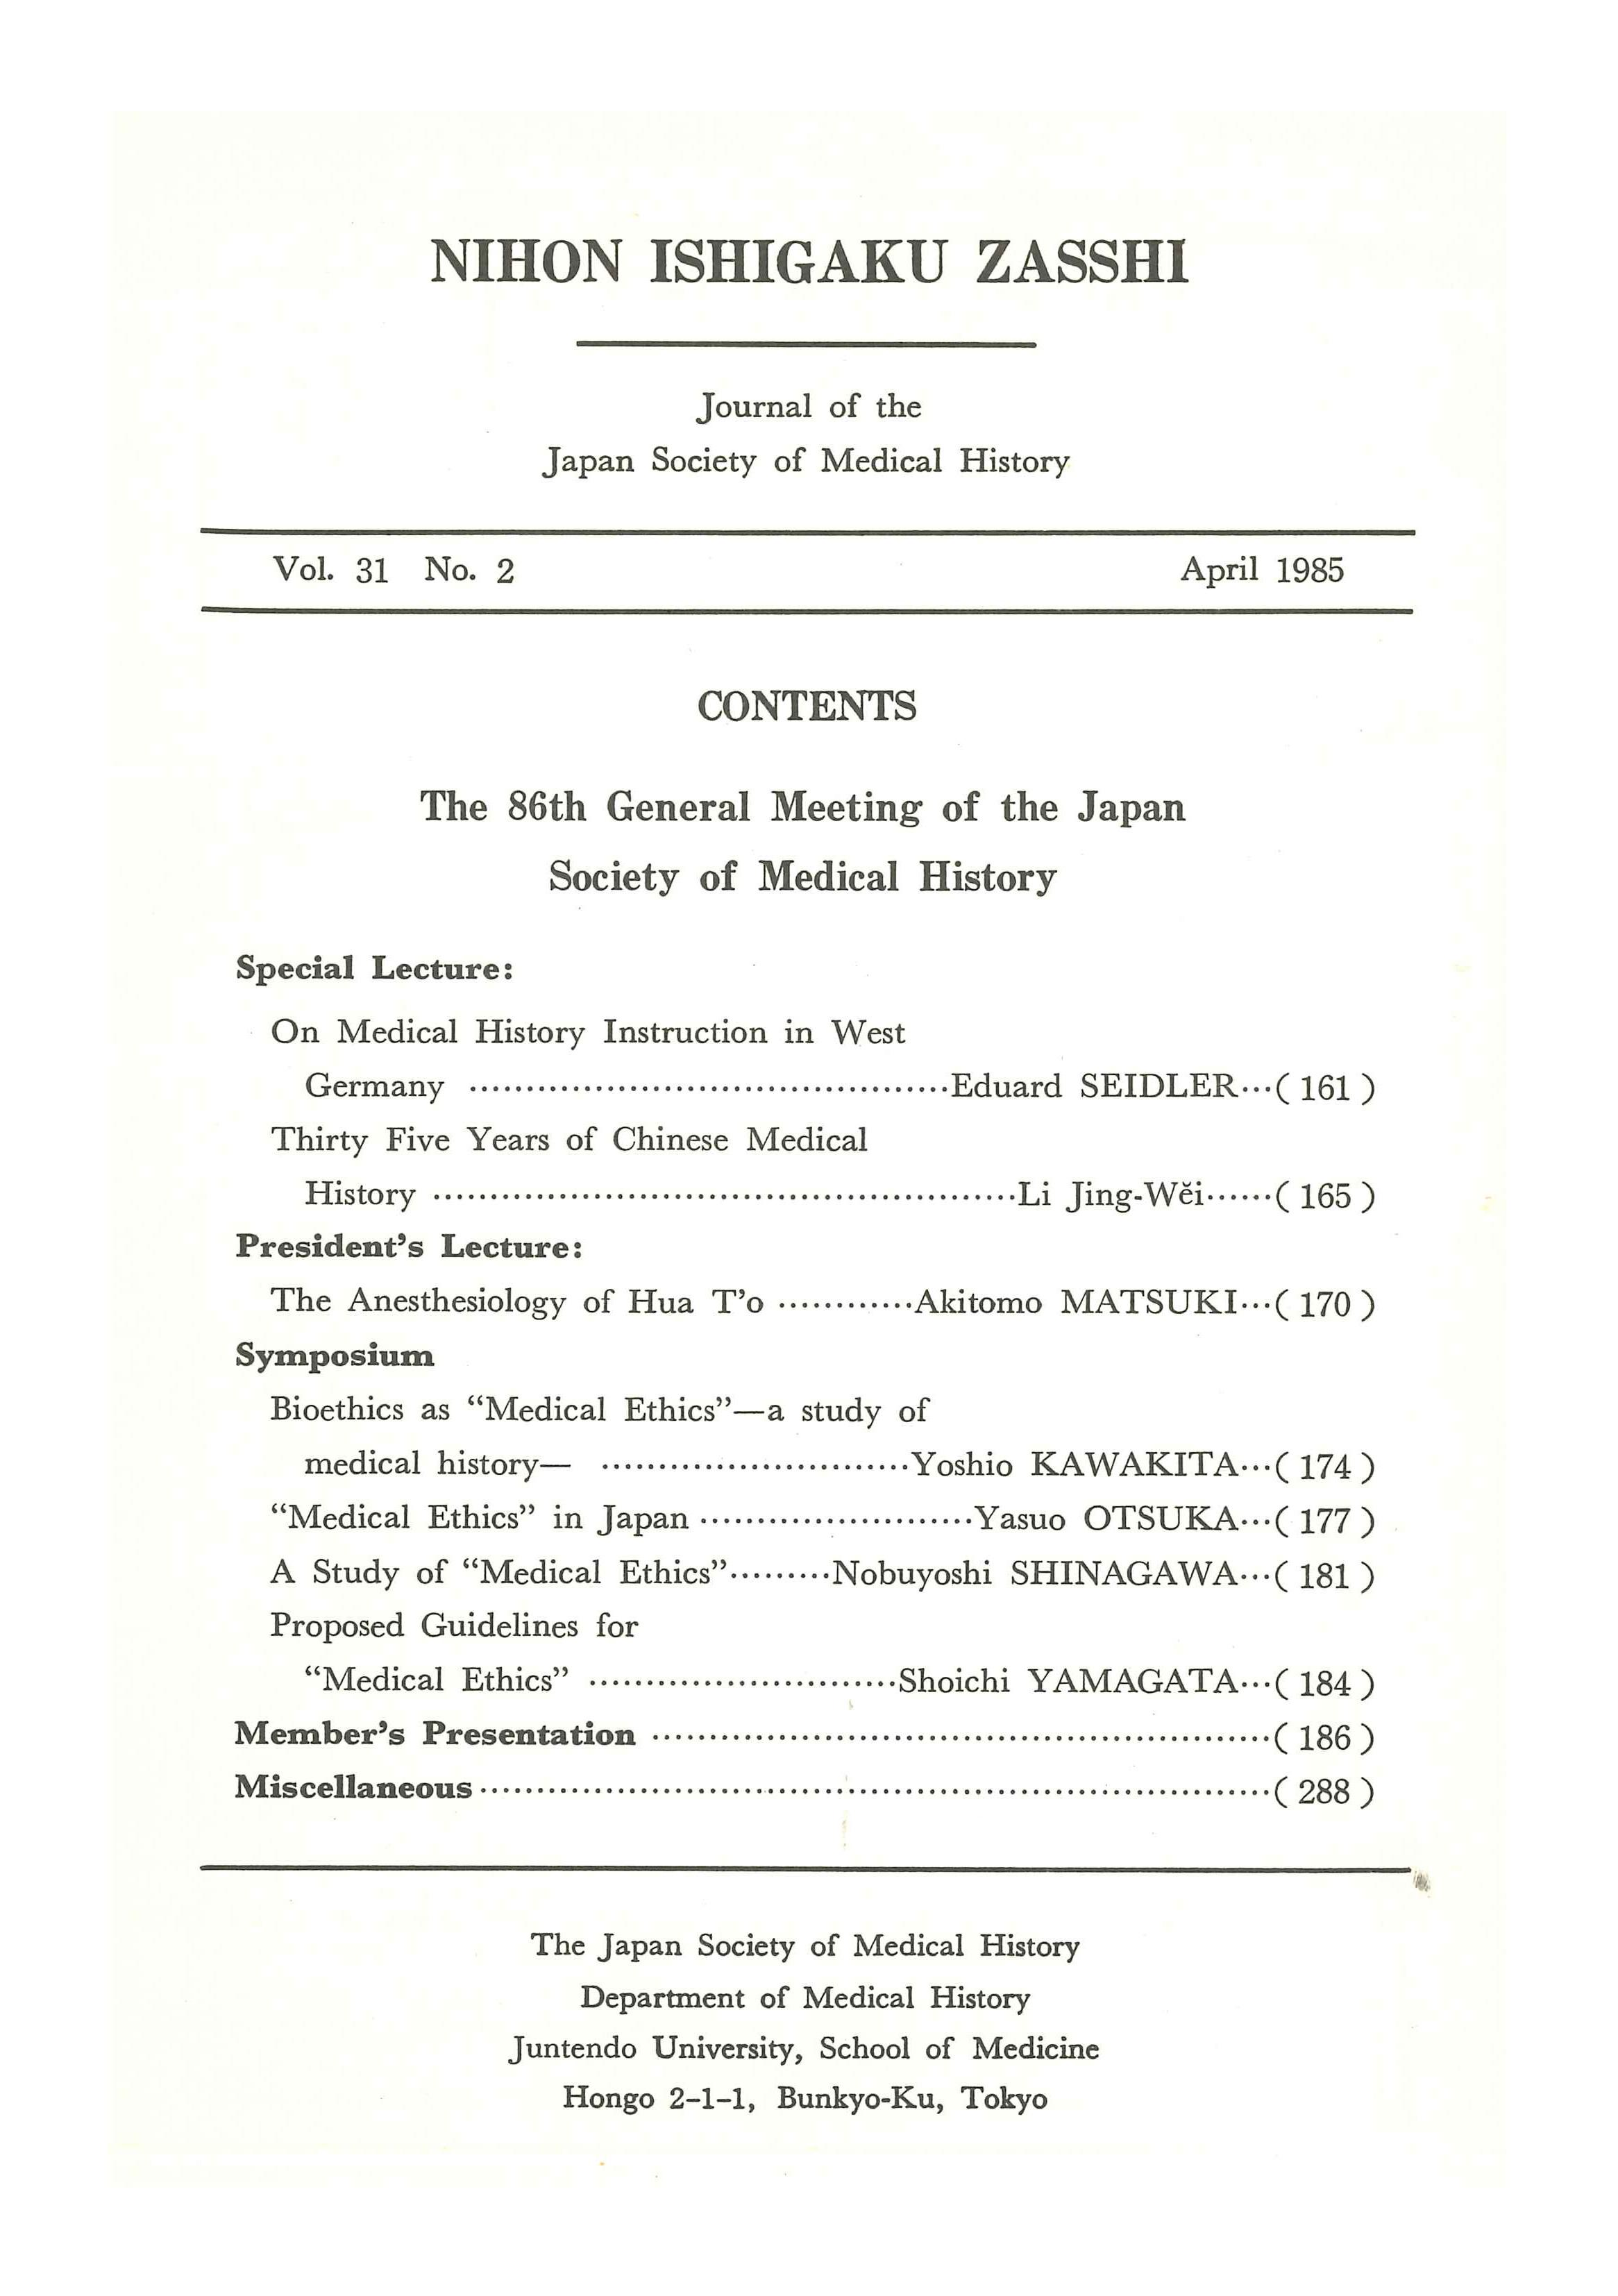 第31巻 第2号通巻 第1438号昭和60年4月30日発行